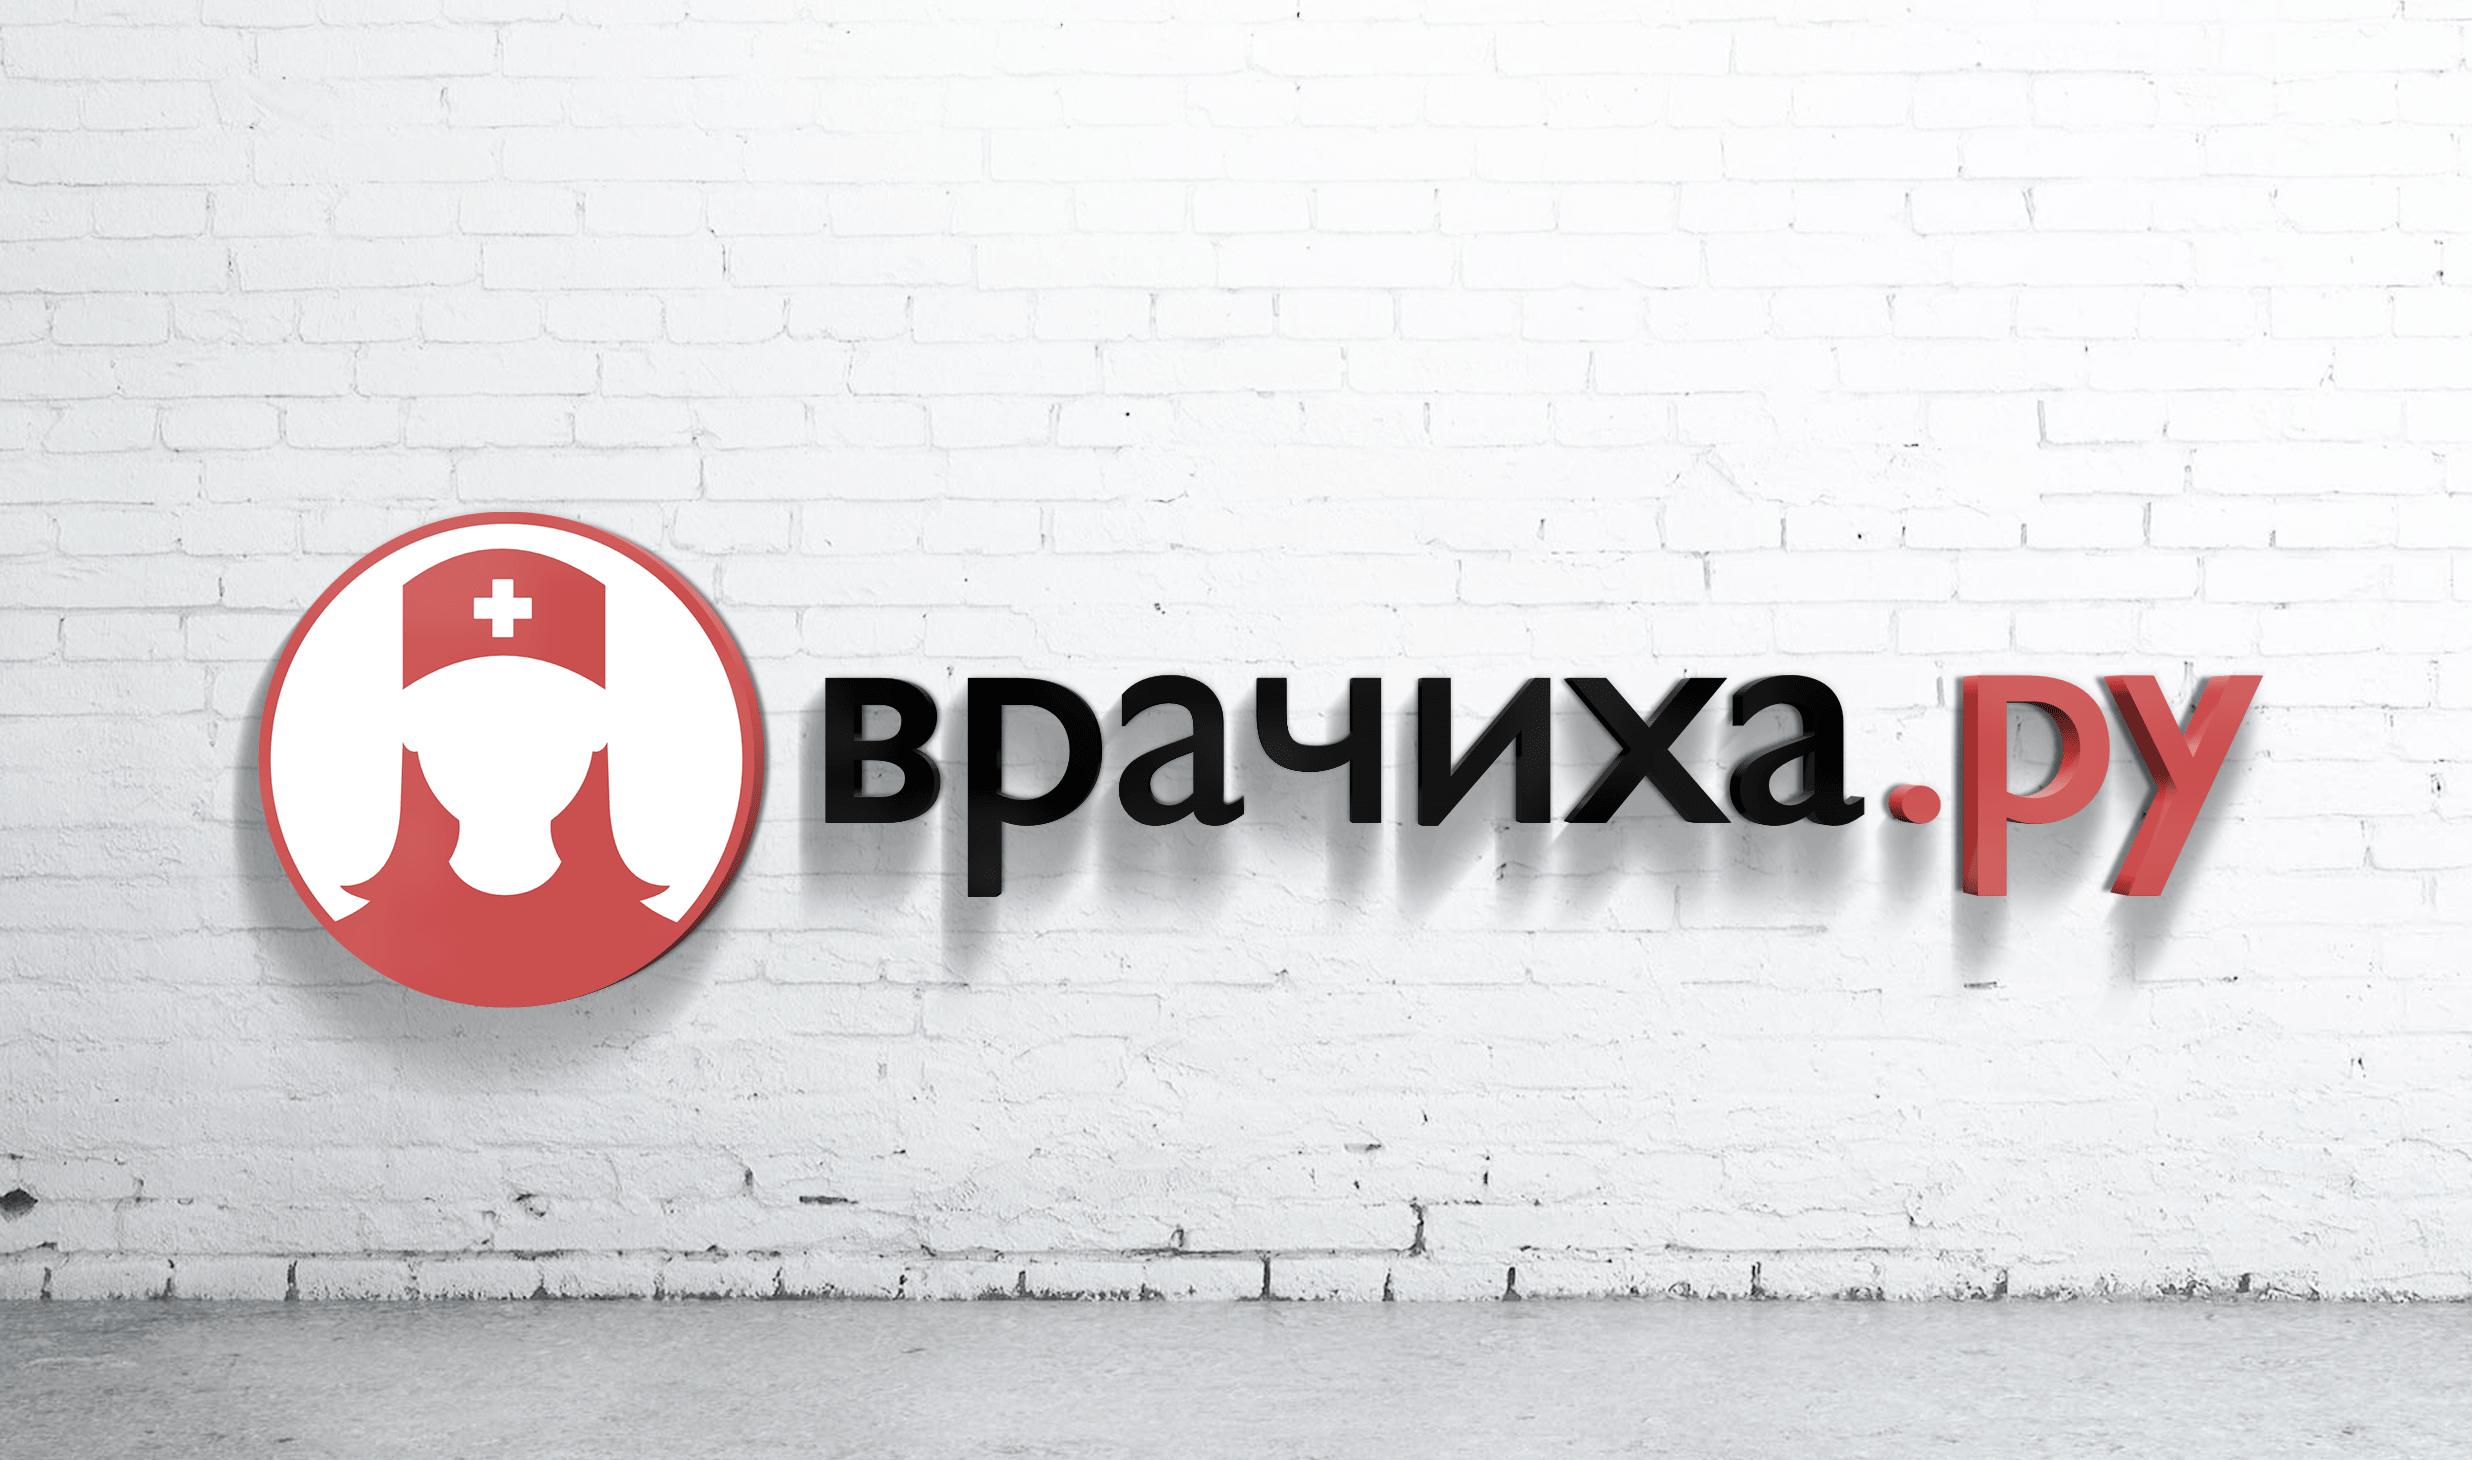 Необходимо разработать логотип для медицинского портала фото f_0995c015fdb5dbea.png